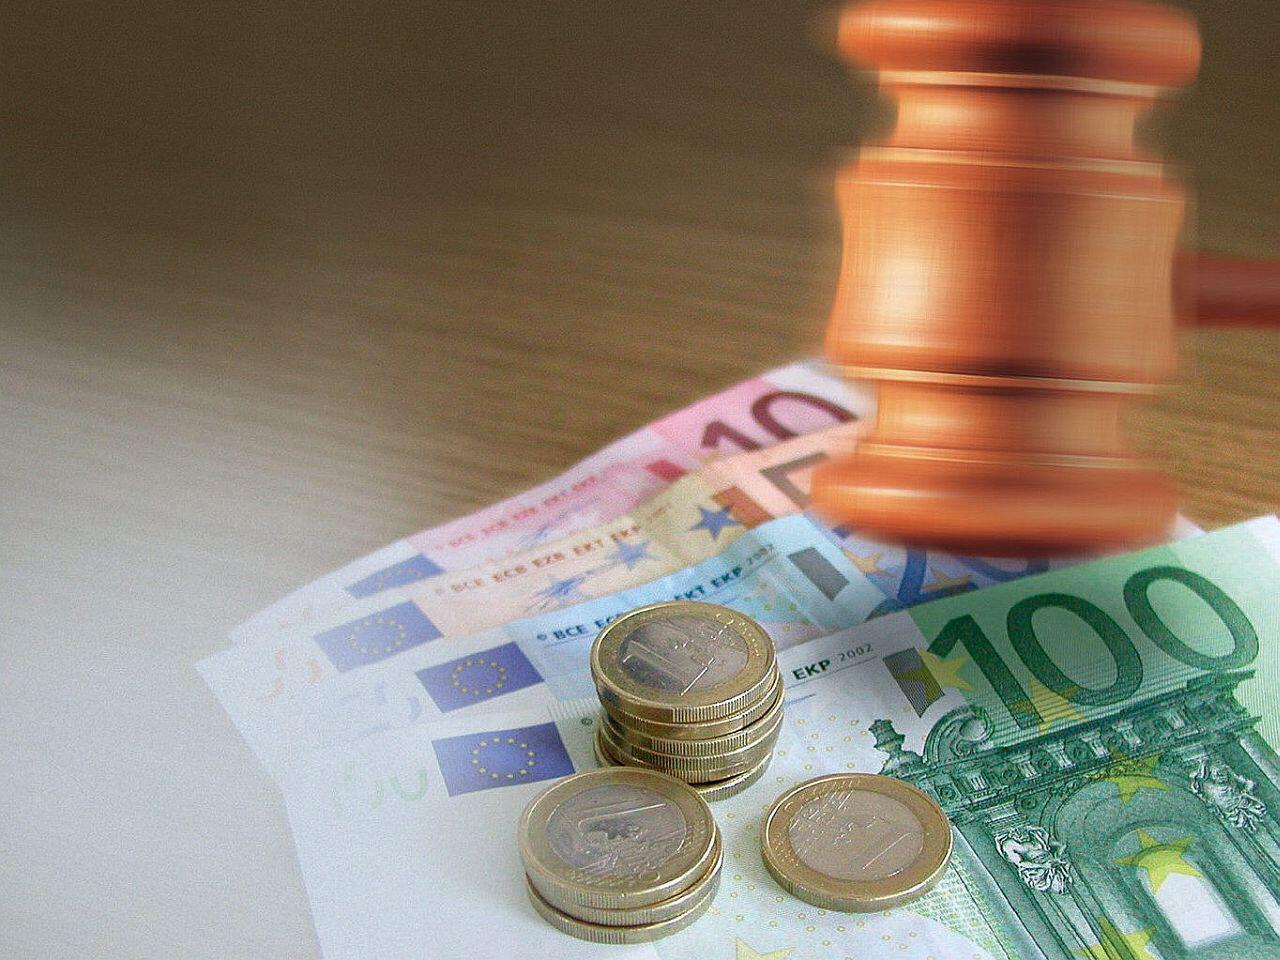 Bild zu Bußgeld in Deutschland - Verkehrssünder werden mächtig zur Kasse gebeten